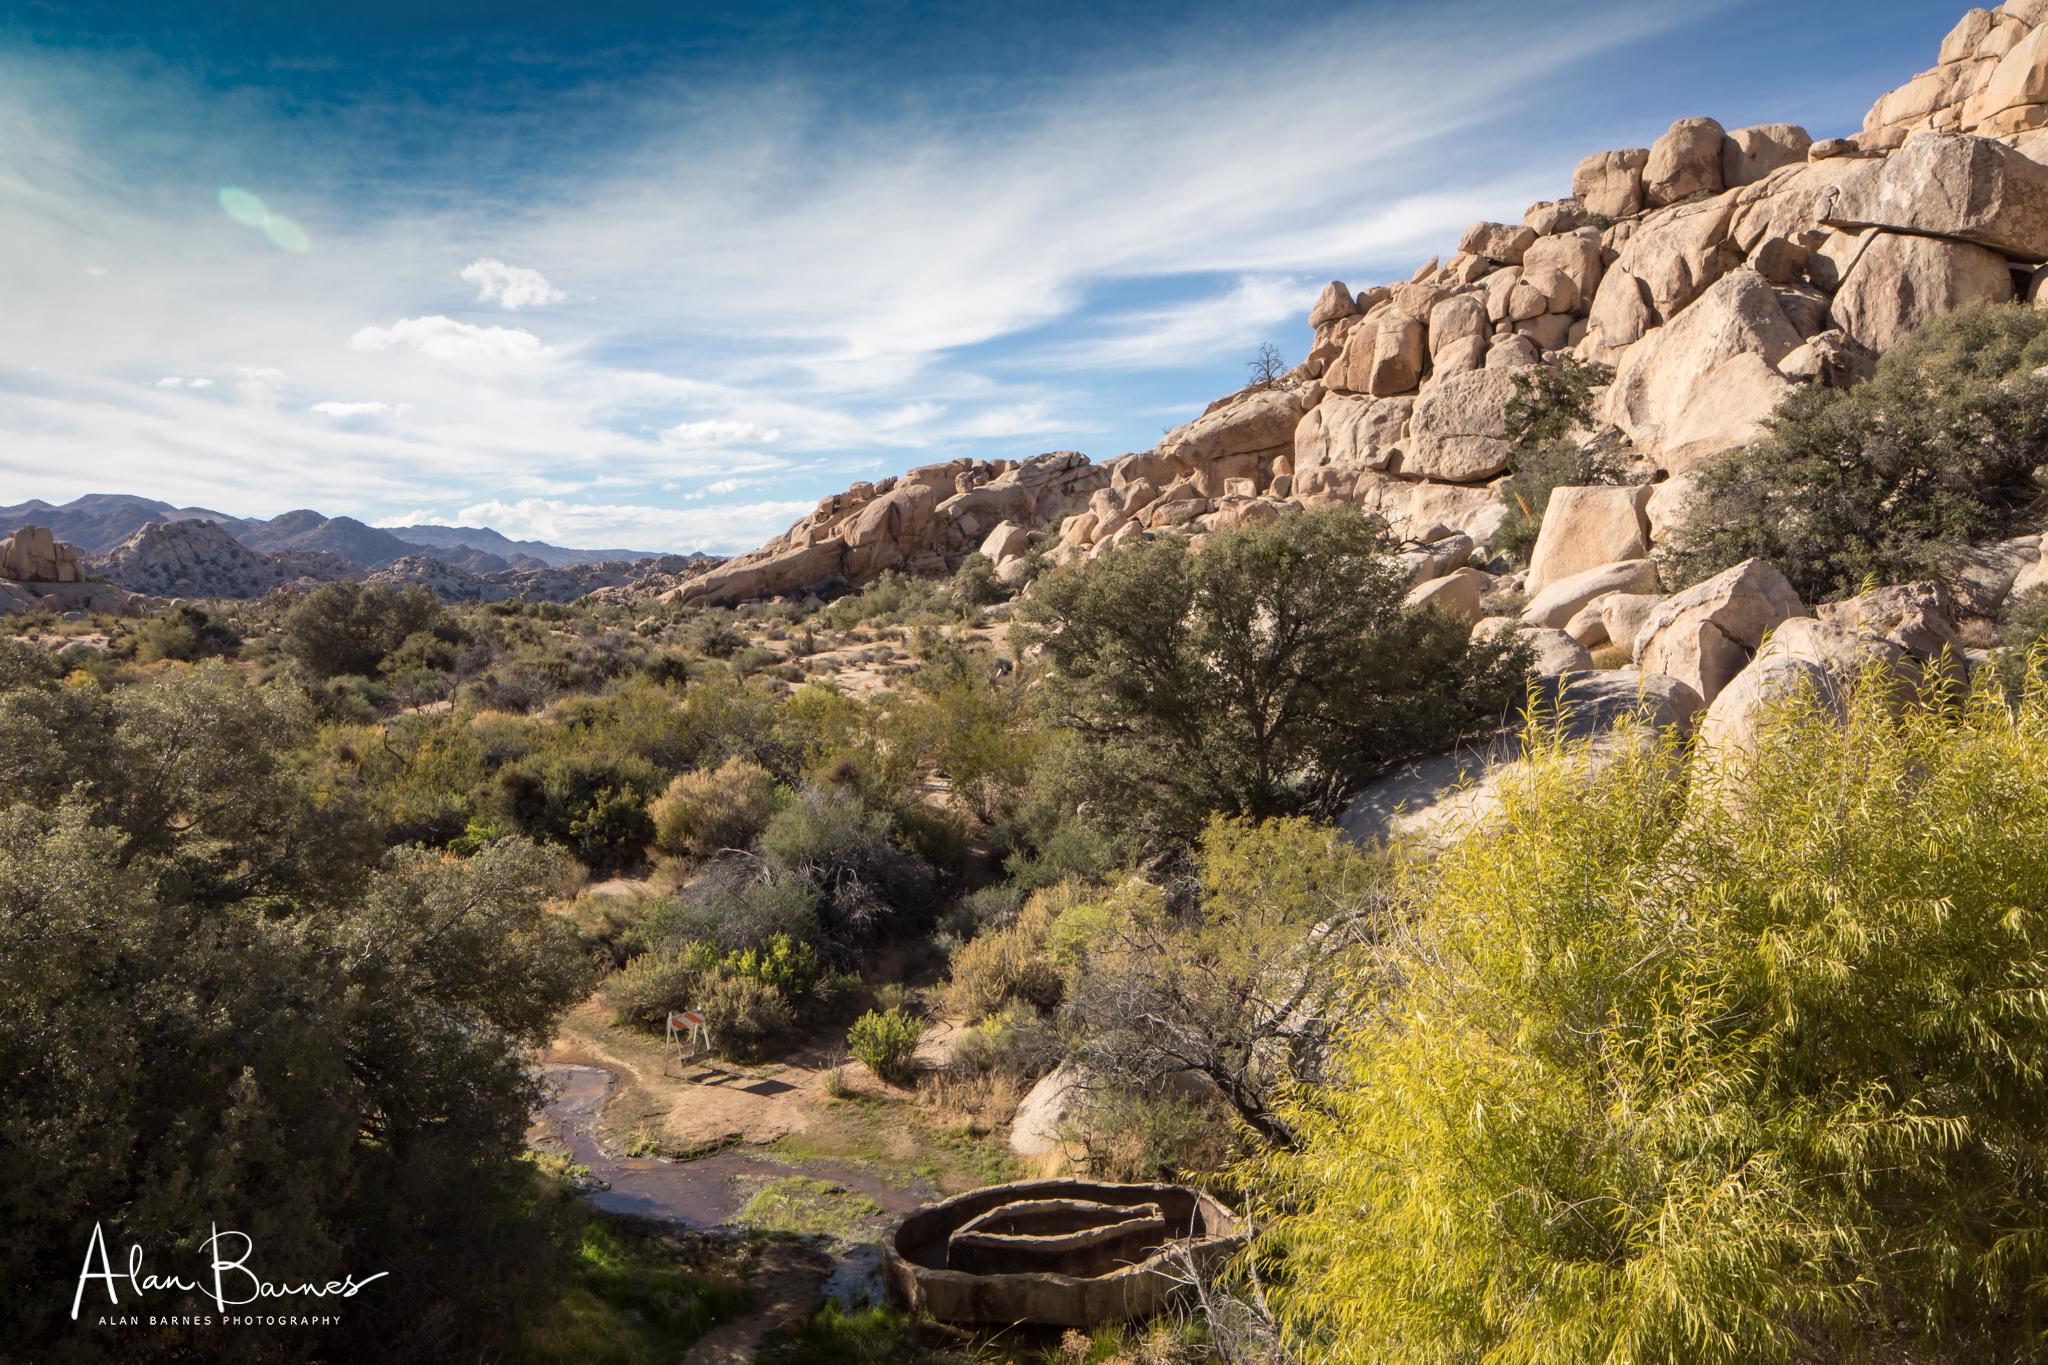 A desert water trough